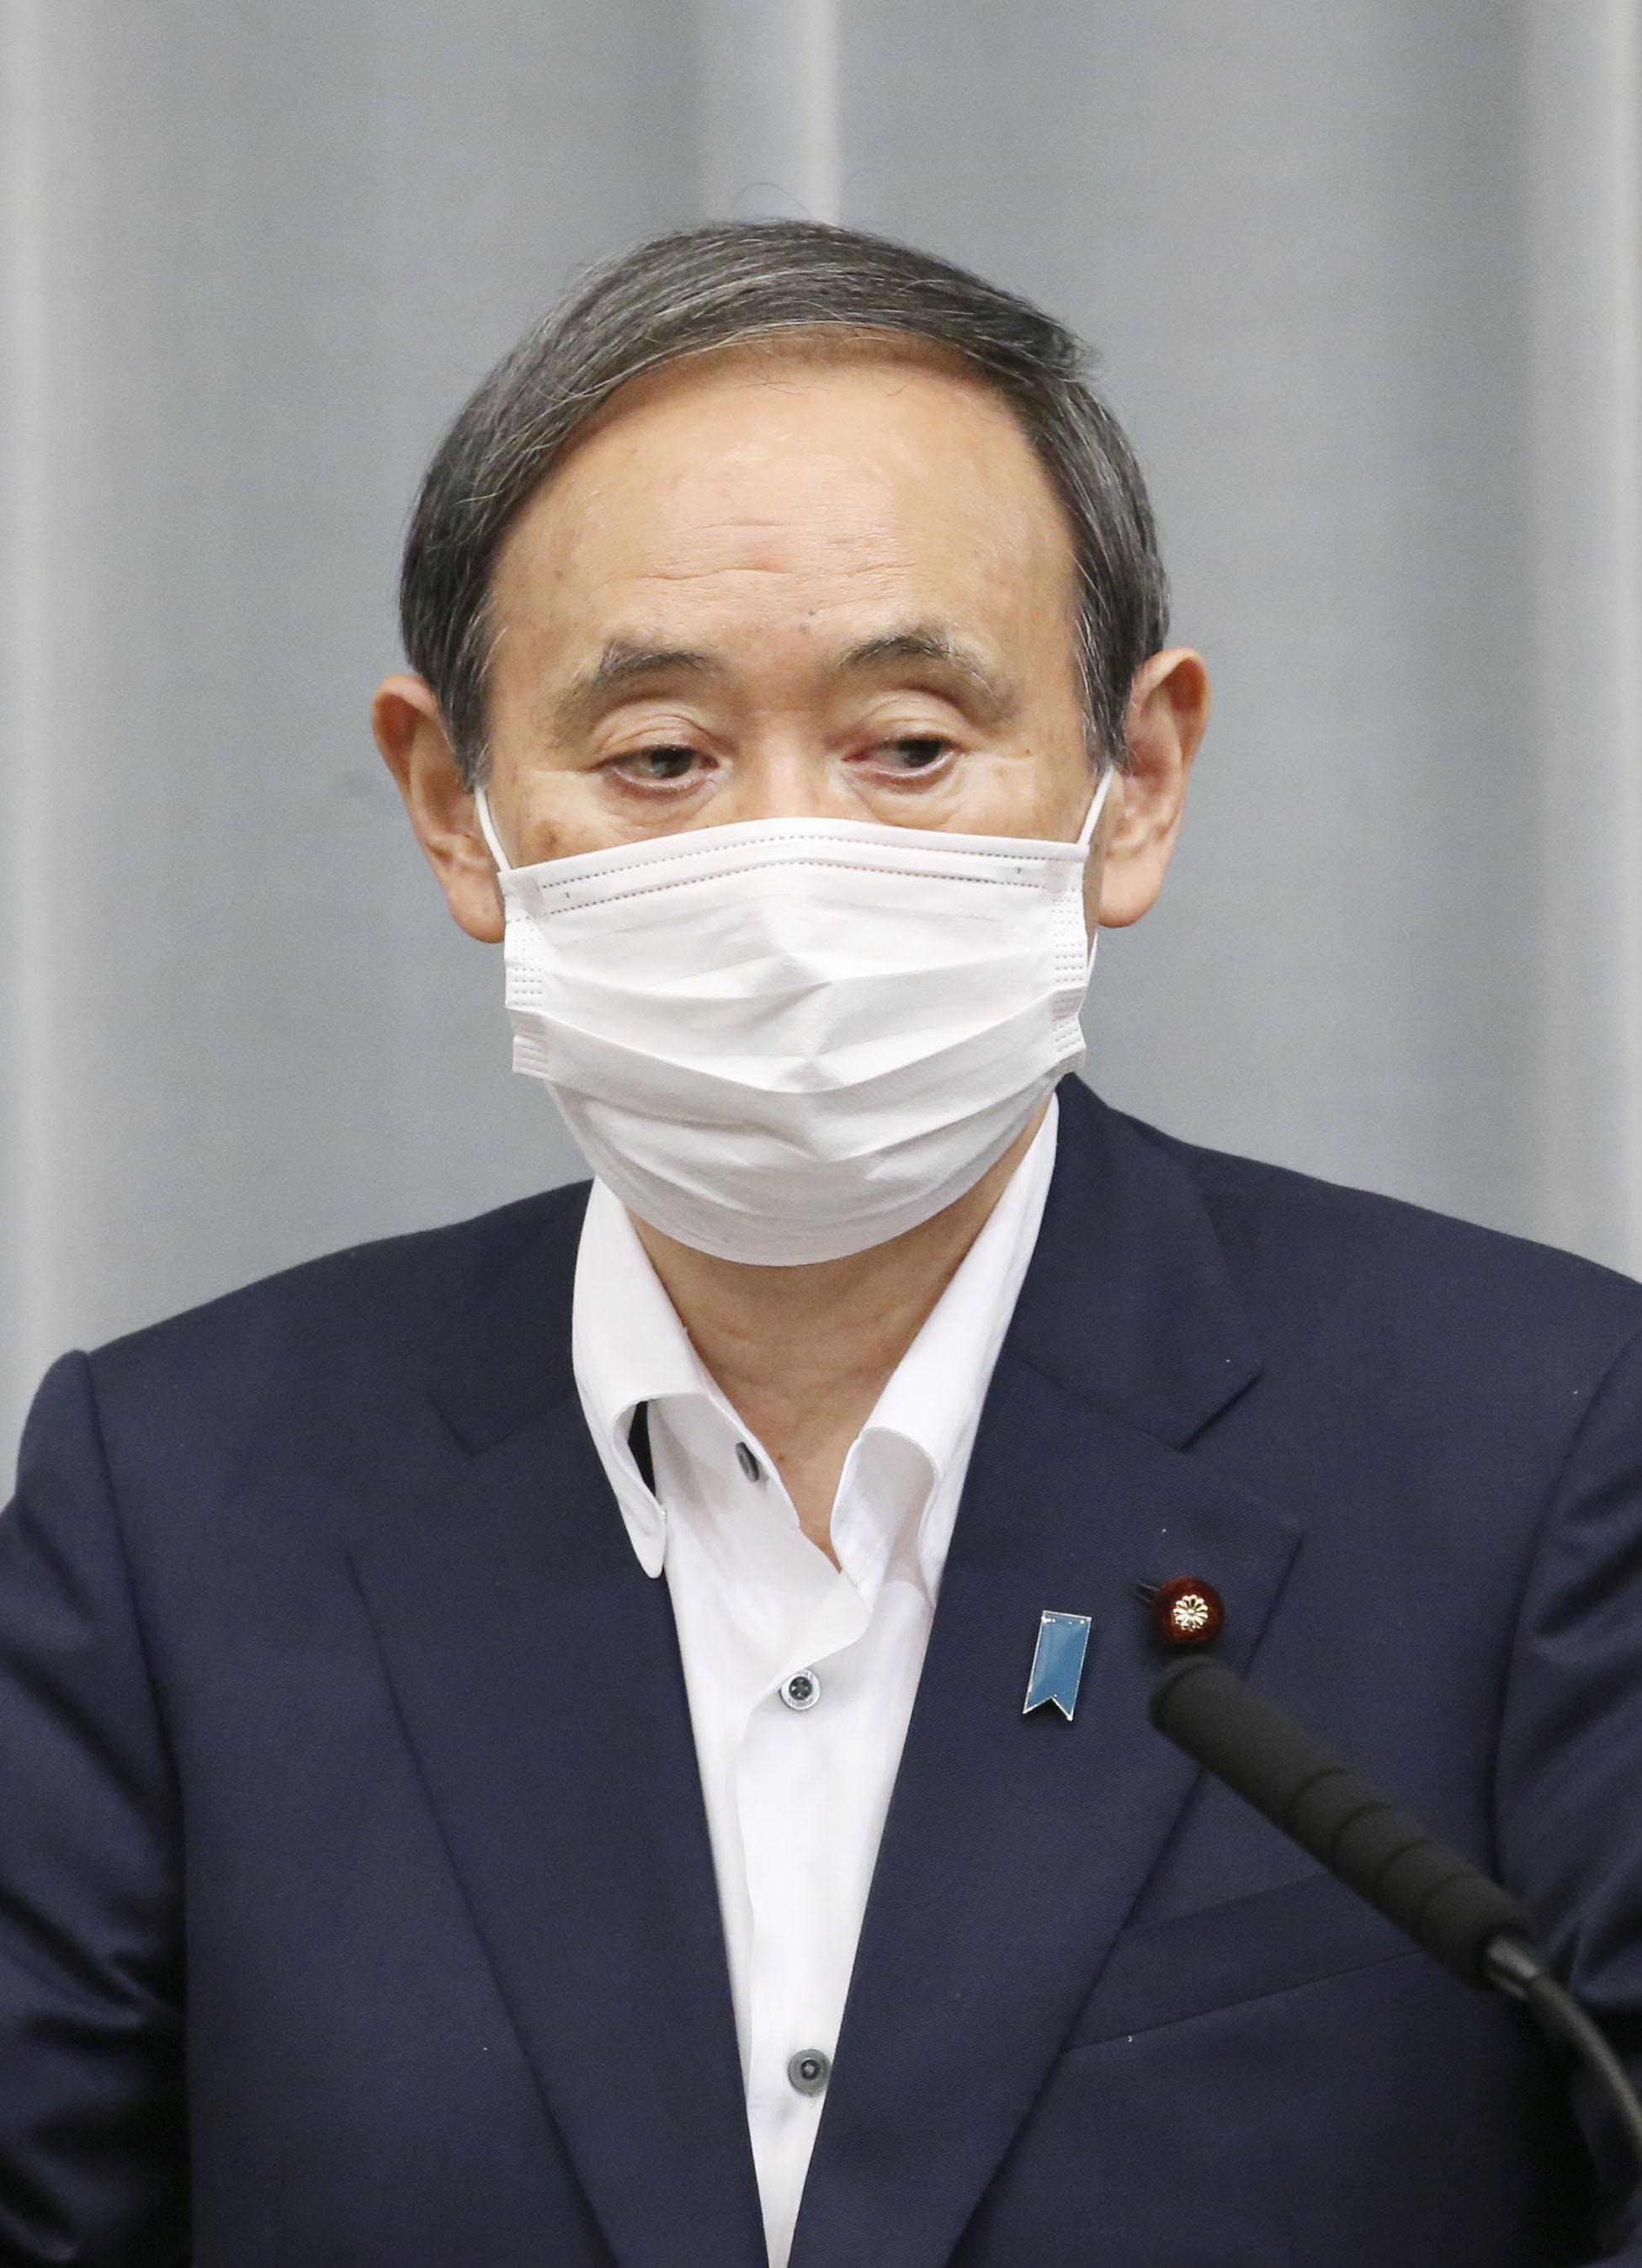 記者会見する菅官房長官=27日午後、首相官邸